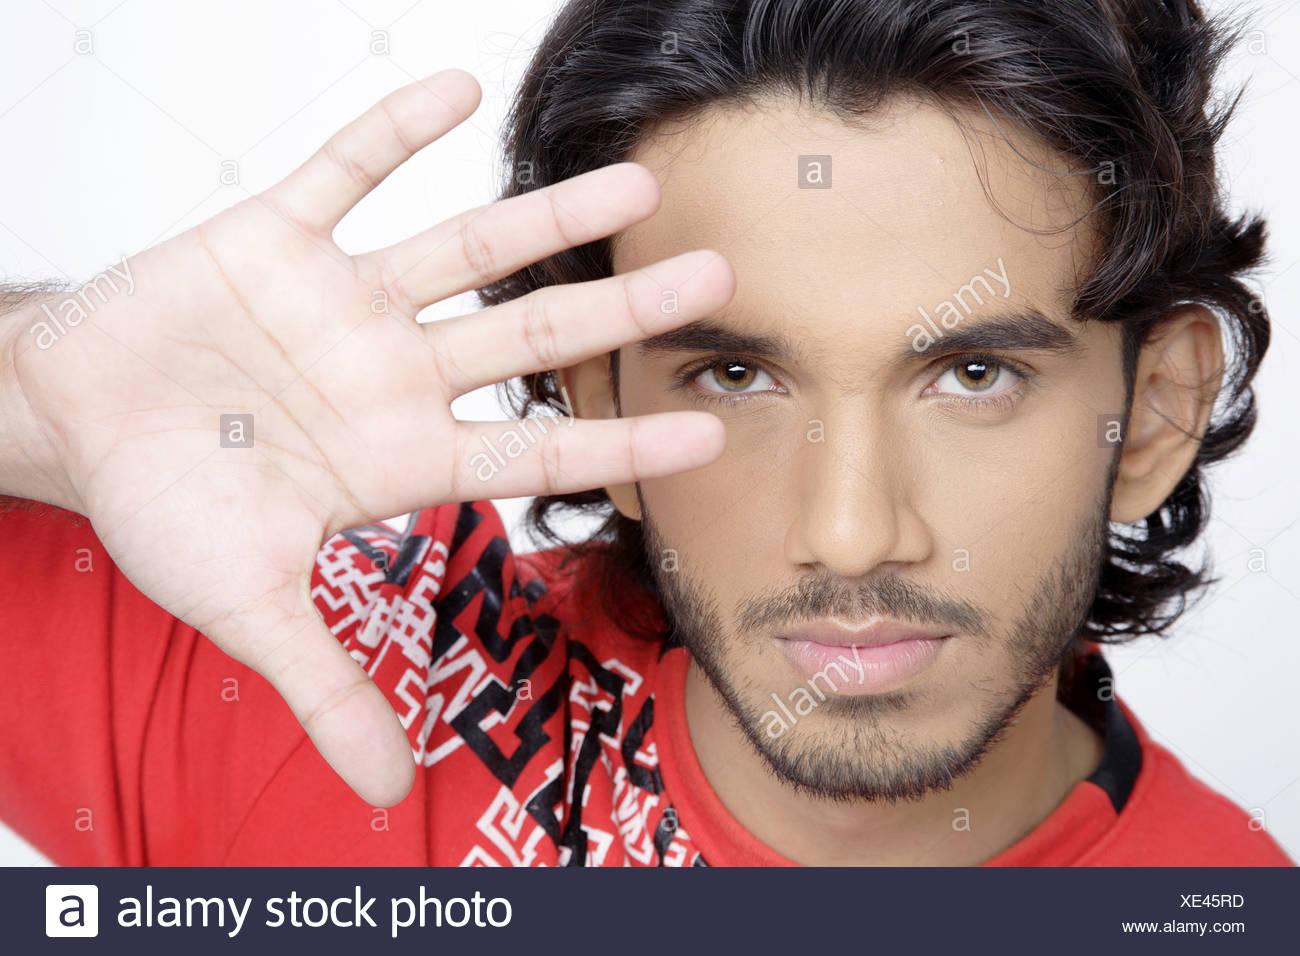 Schwarzes Teenager-Gesicht Gabriel schwulen Sex